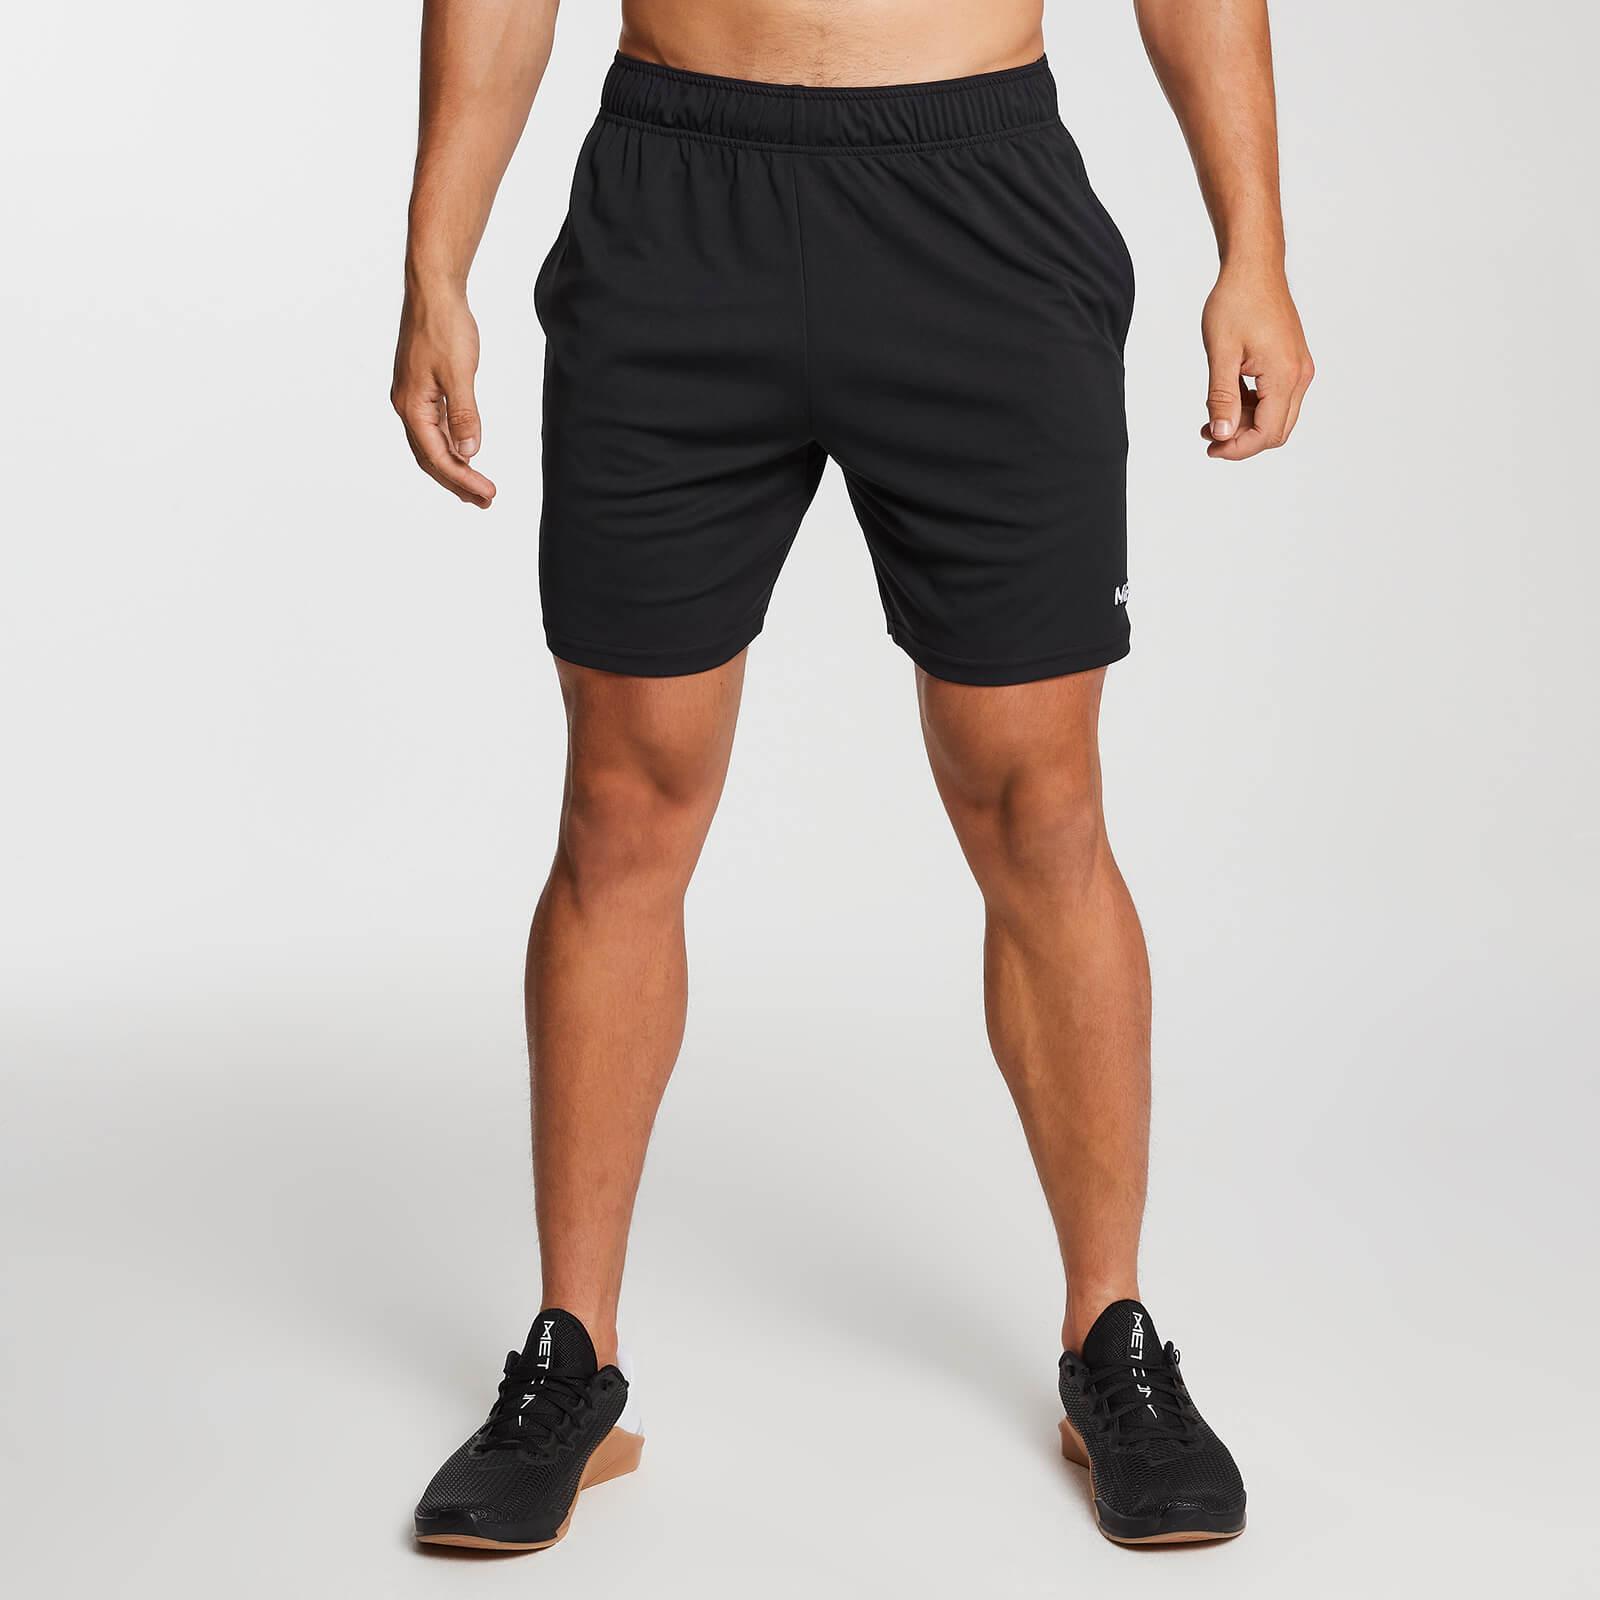 Легкие трикотажные шорты для тренировок Essentials - M